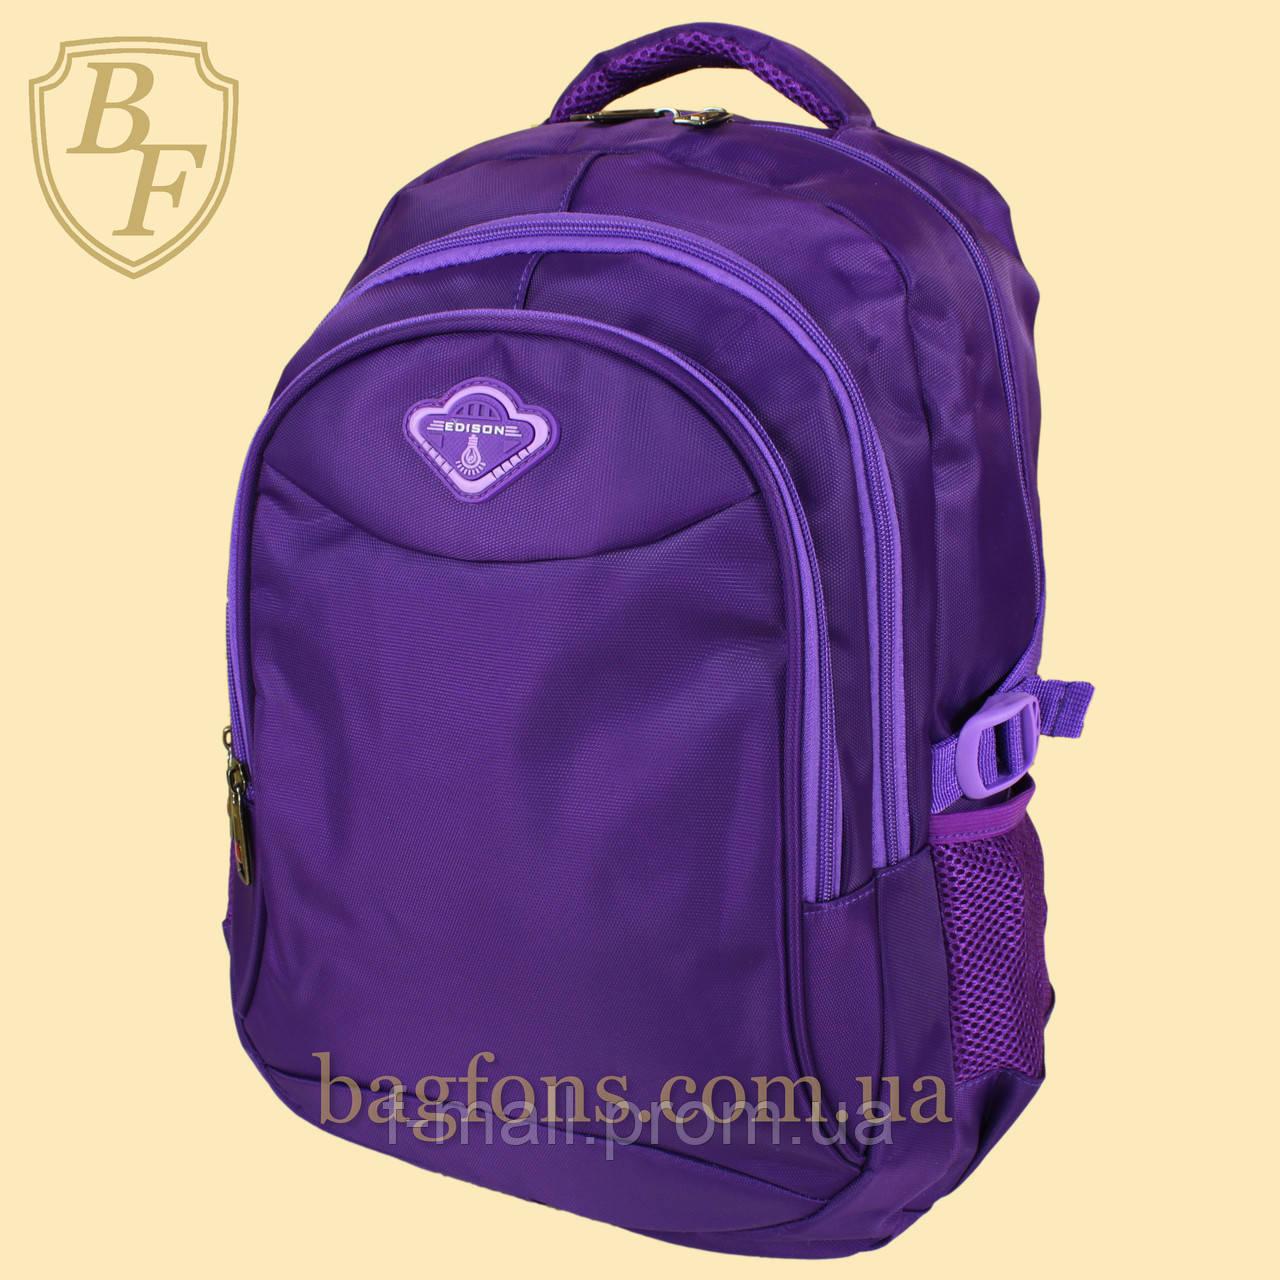 Школьный рюкзак  Edison x550 фиолетовый -ВИДЕООБЗОР -